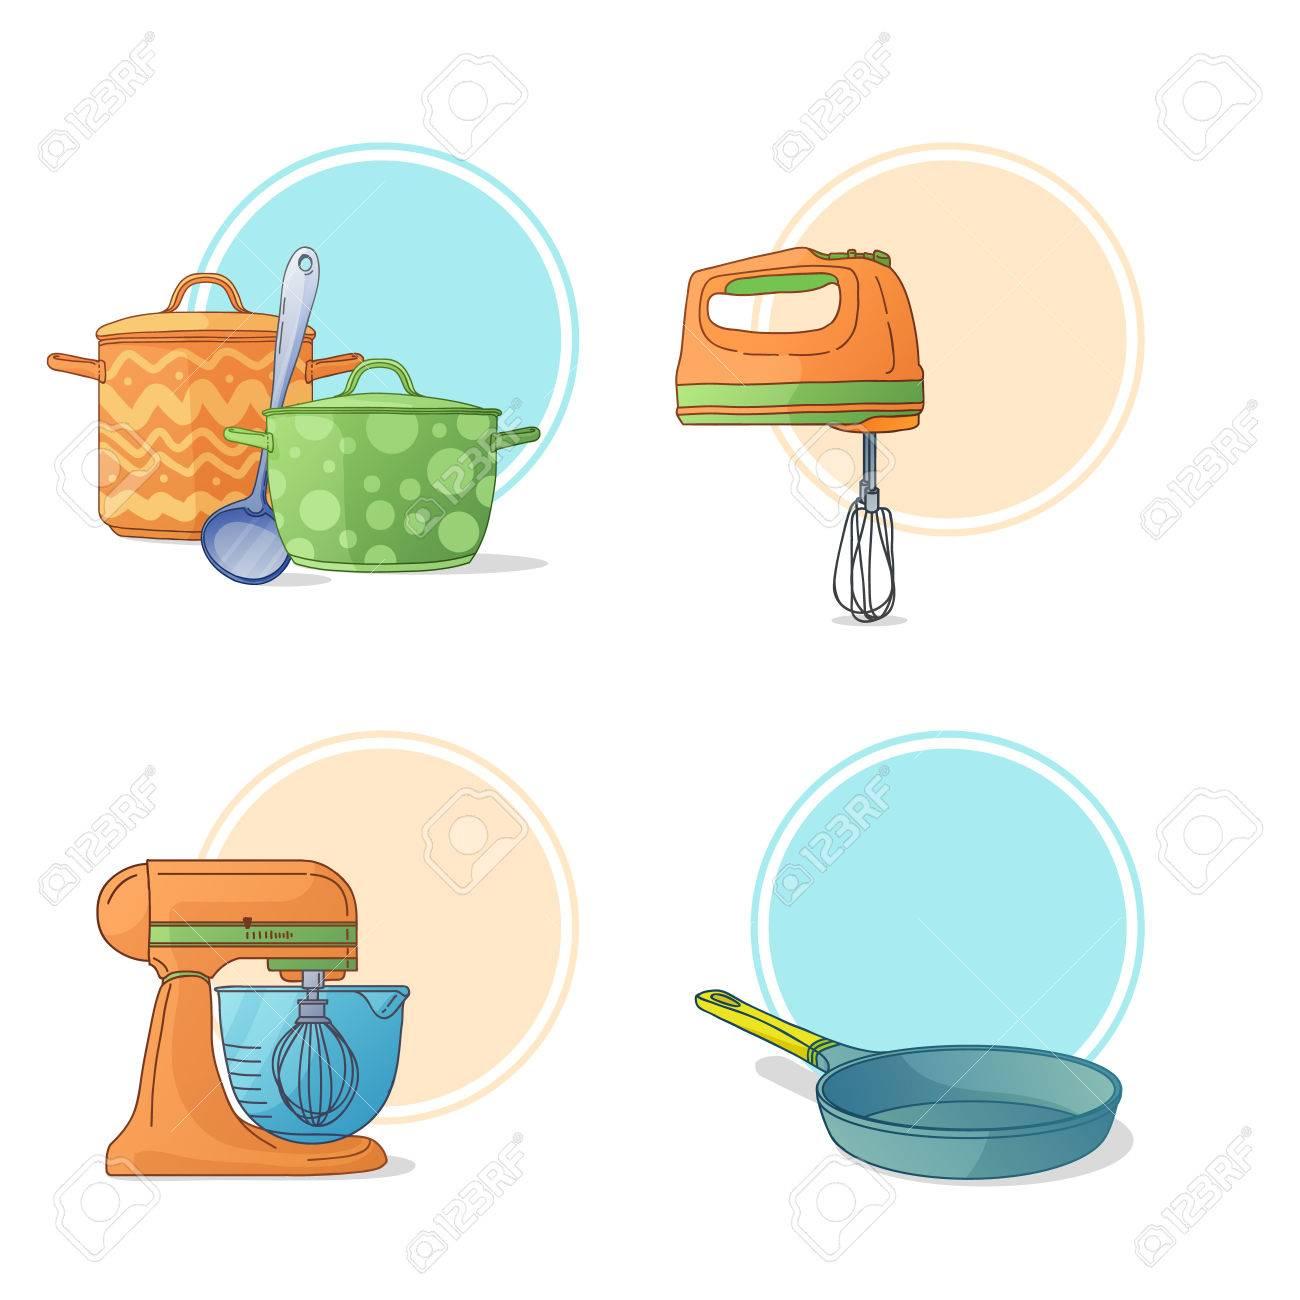 Eine Reihe Von Küchenutensilien In Einem Cartoon-Stil. Küchengeräte ...